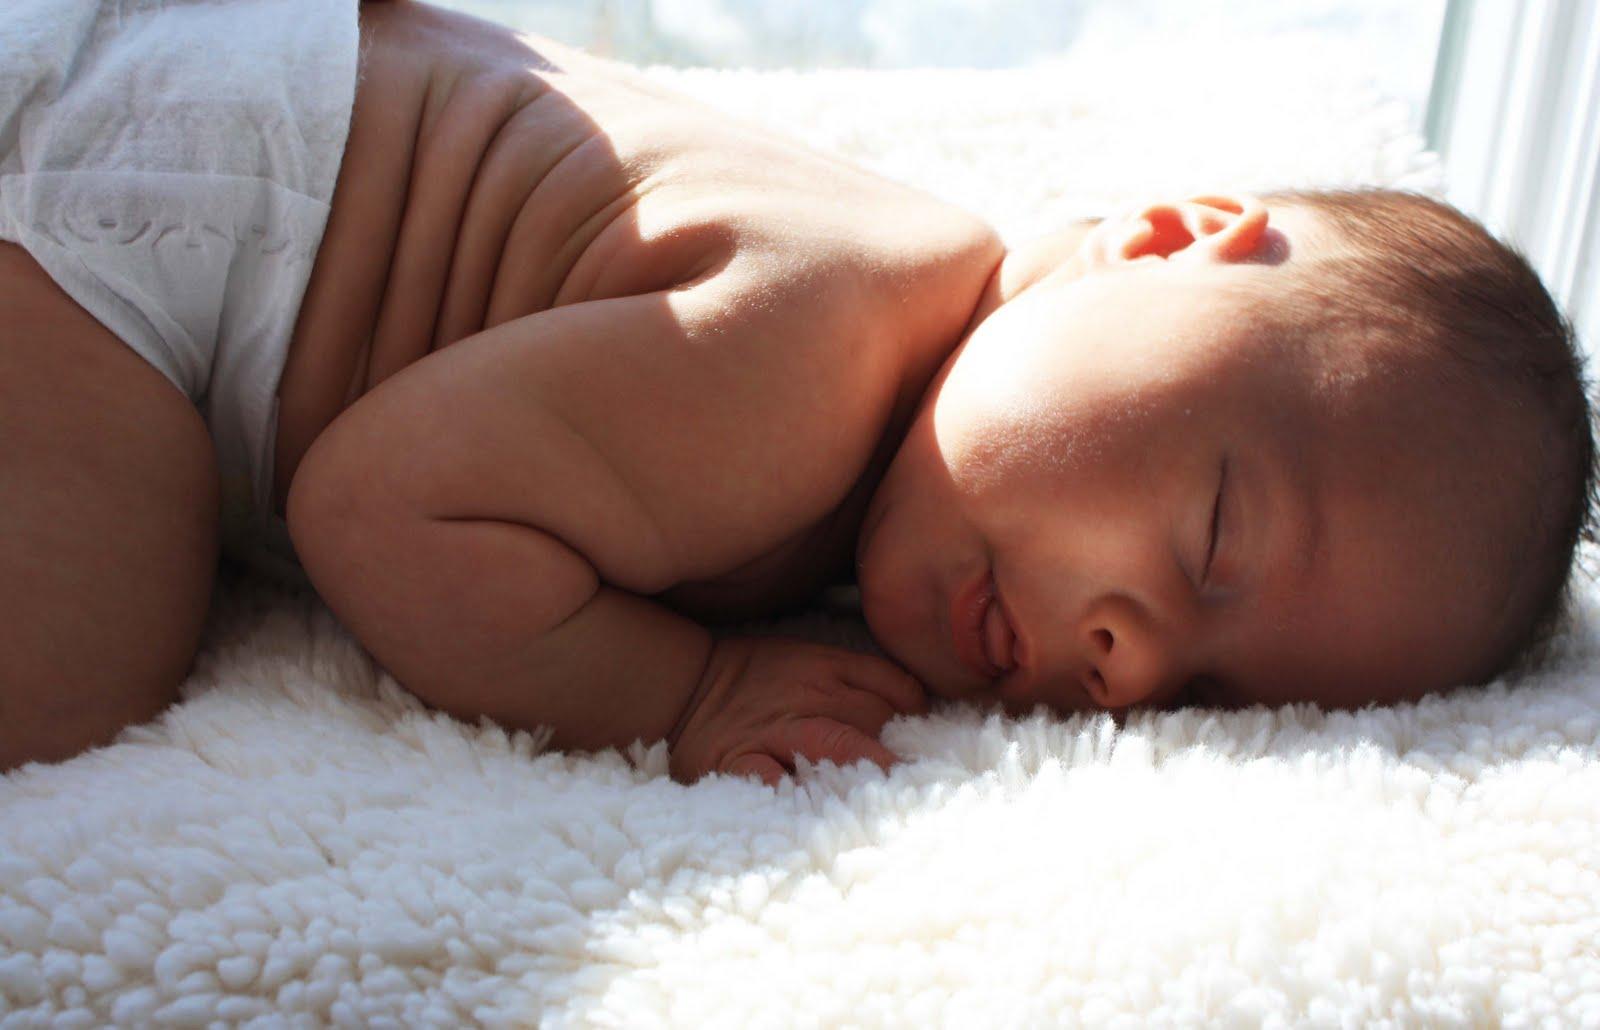 Neonati e caldo: i rimedi per proteggerli